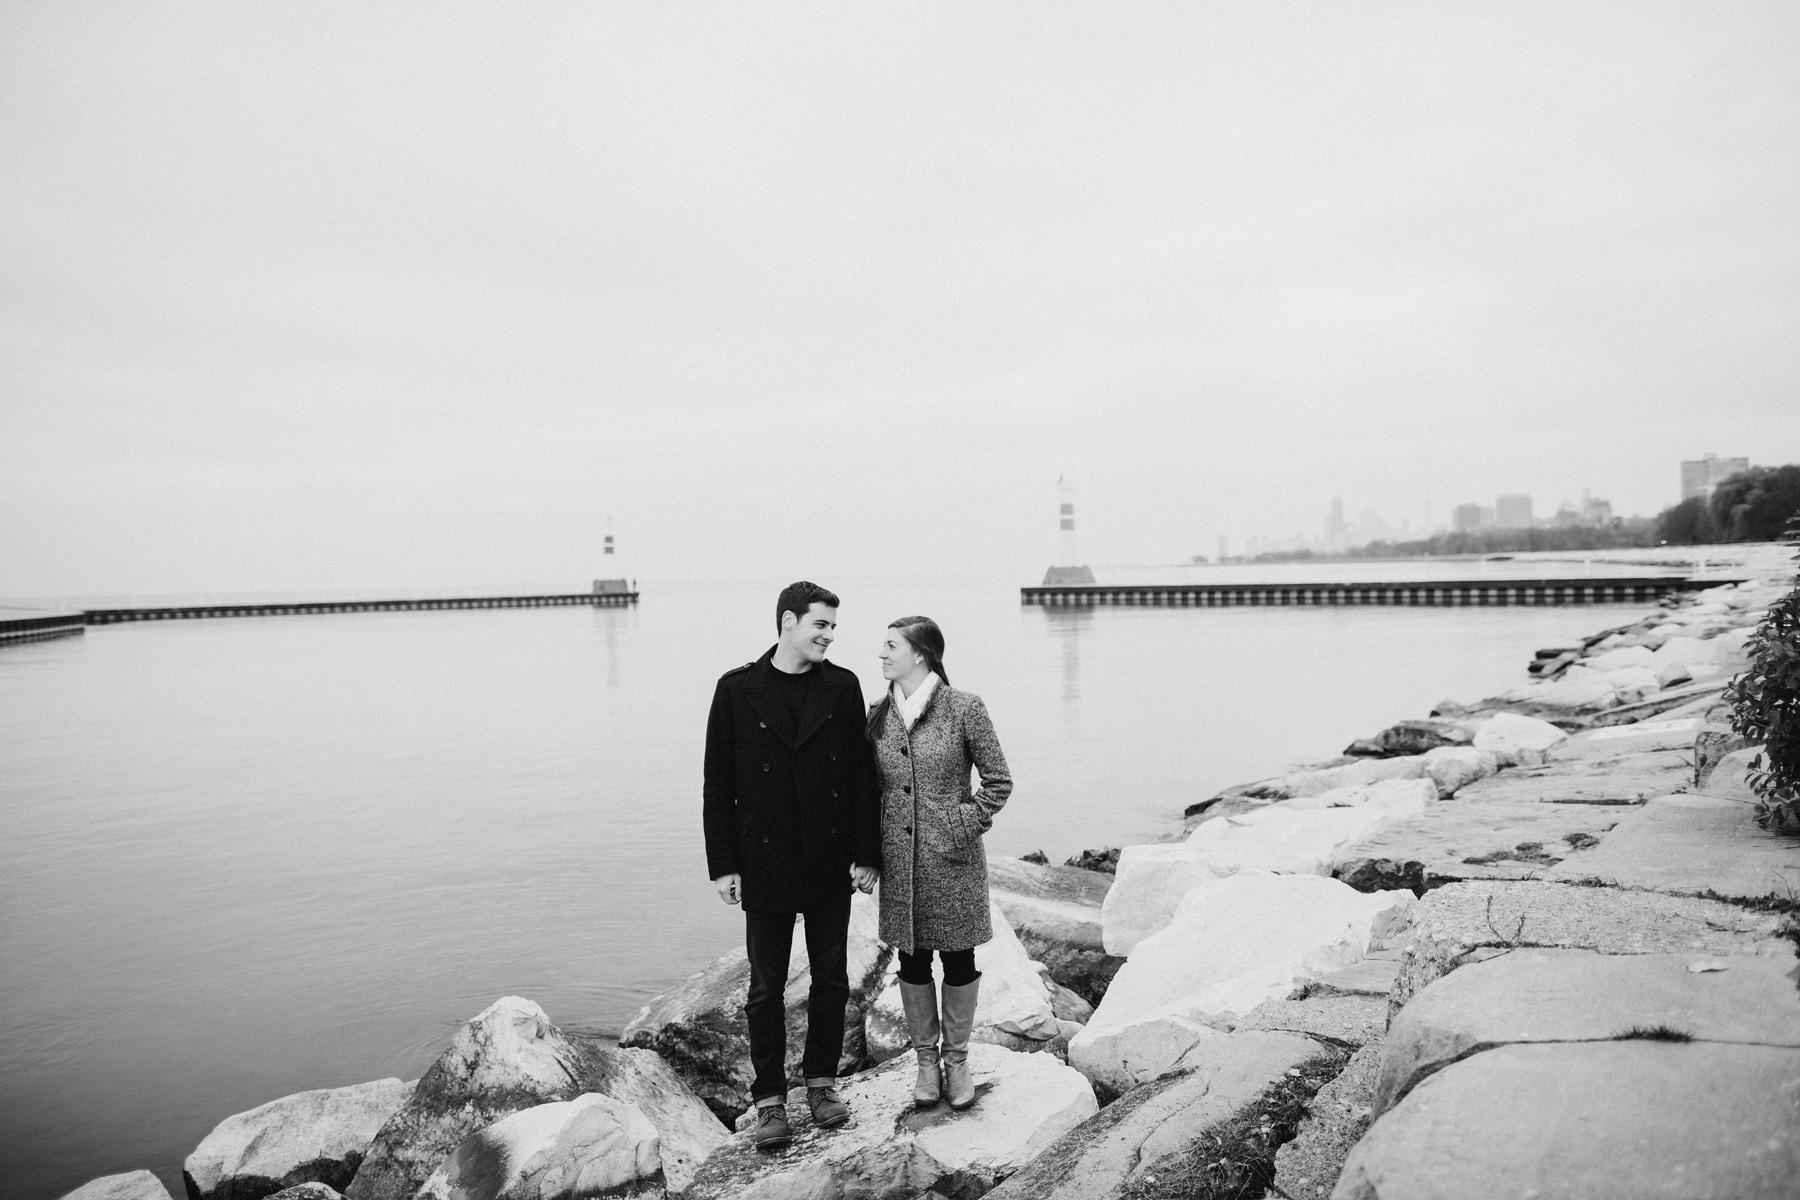 Chicago Engagement Session_Montrose Park_Kindling Wedding PhotographyBLOG21.JPG